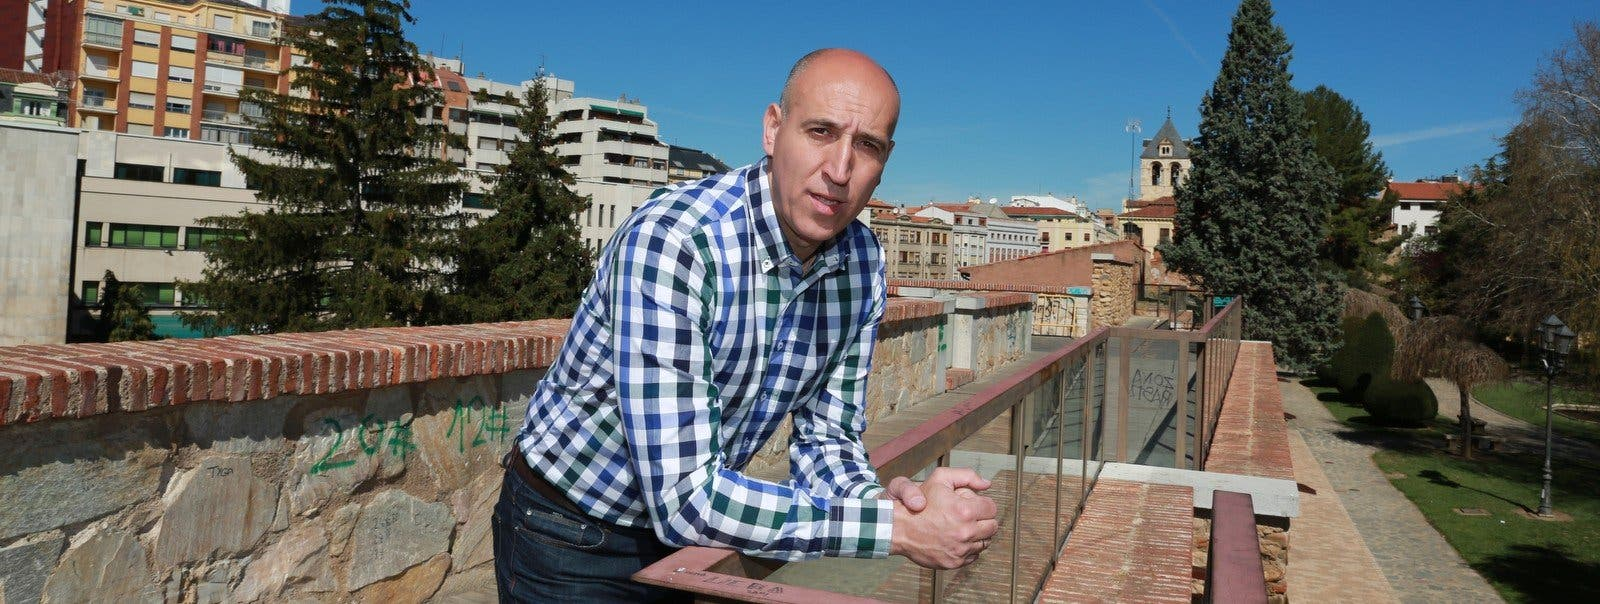 La reivindicación histórica del alcalde de León le estalla al PSOE en los morros en el peor momento